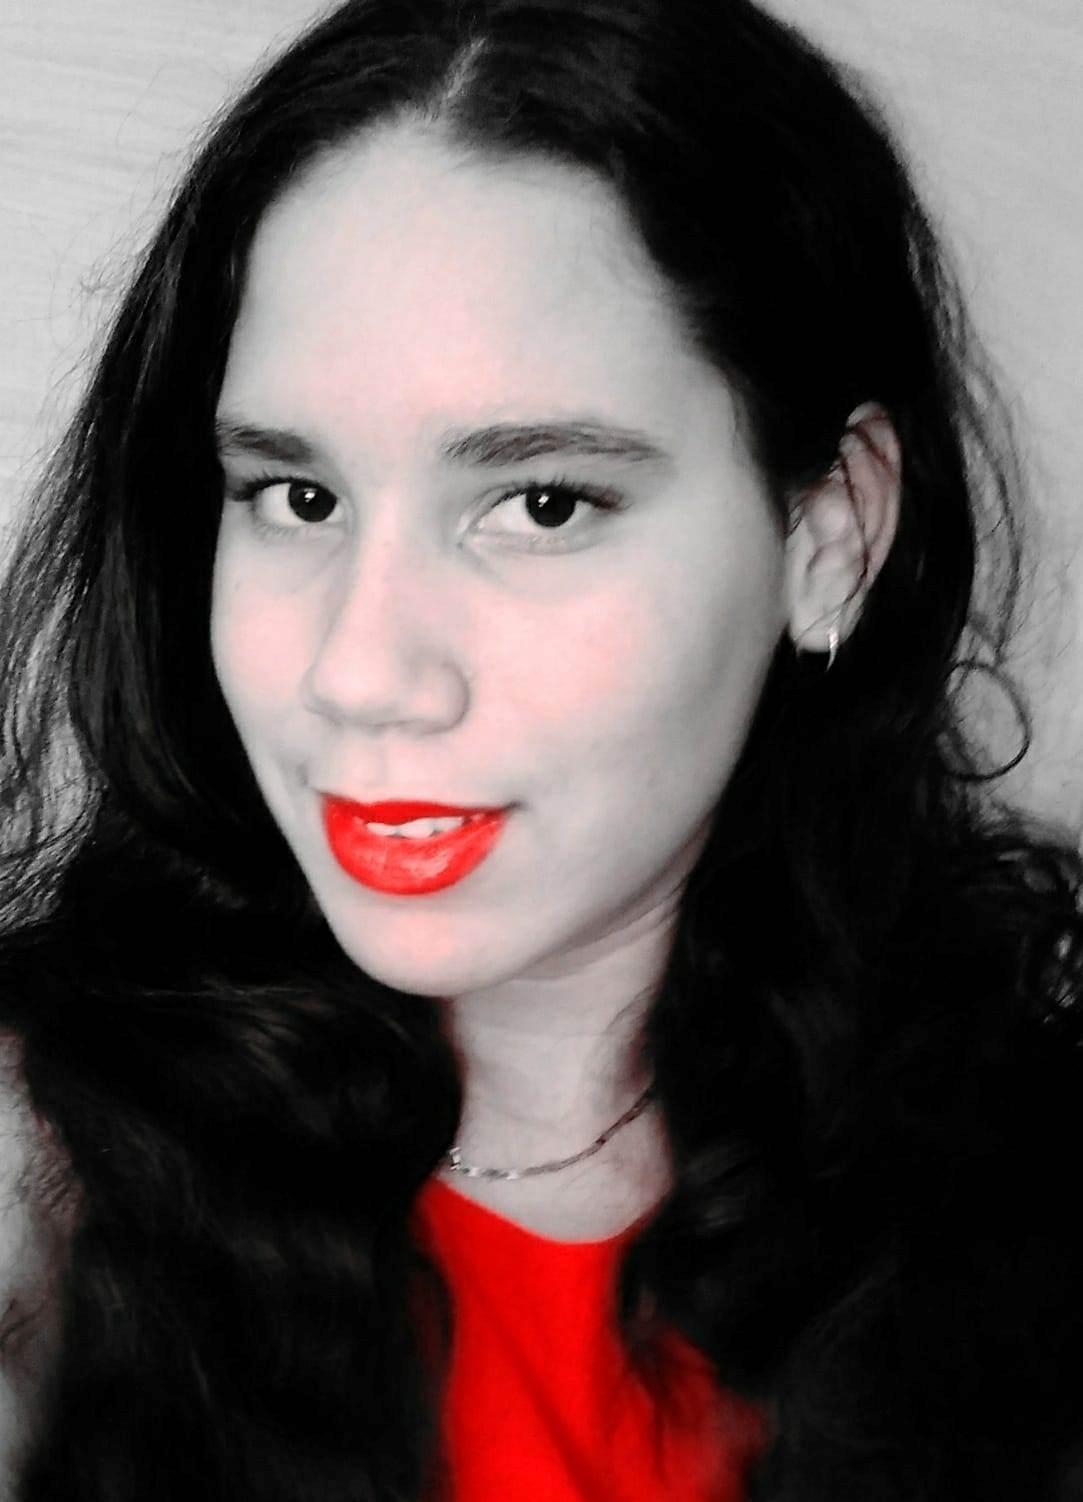 Premian a estudiante en concurso internacional de poesía